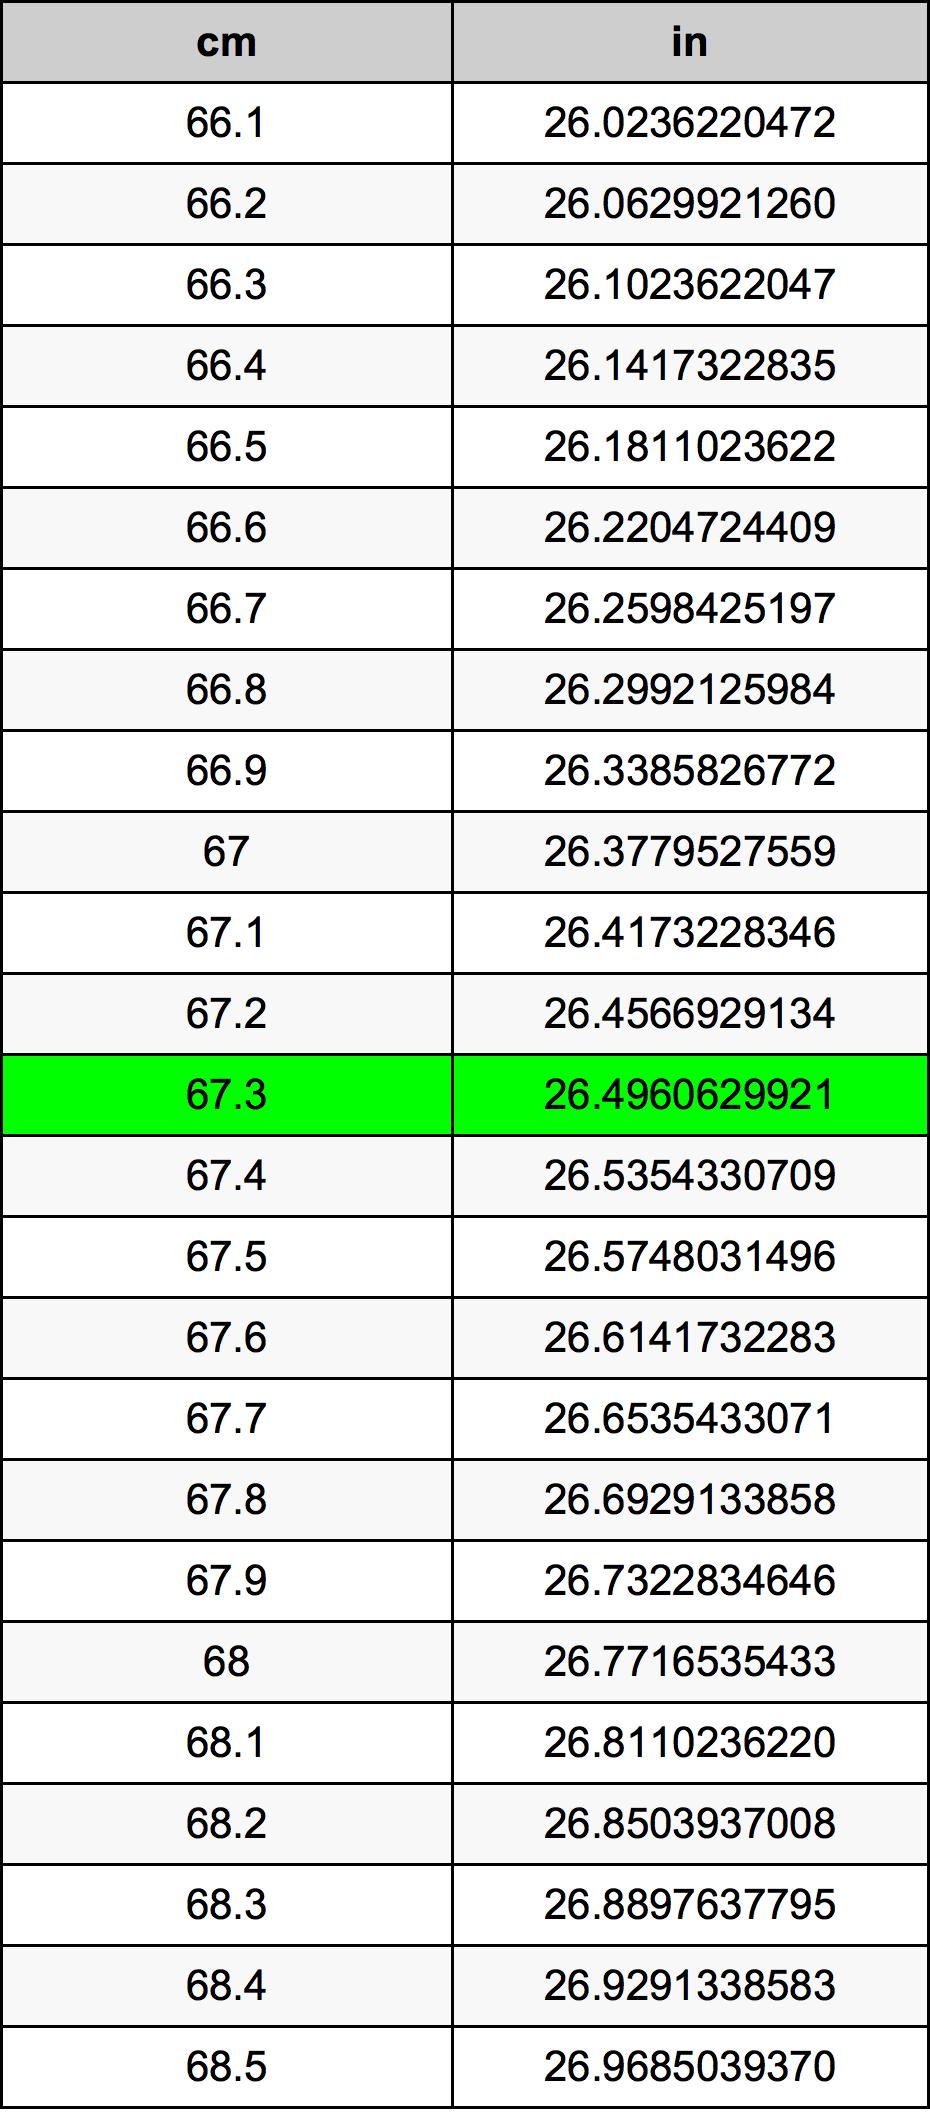 67.3 Centymetr tabela przeliczeniowa